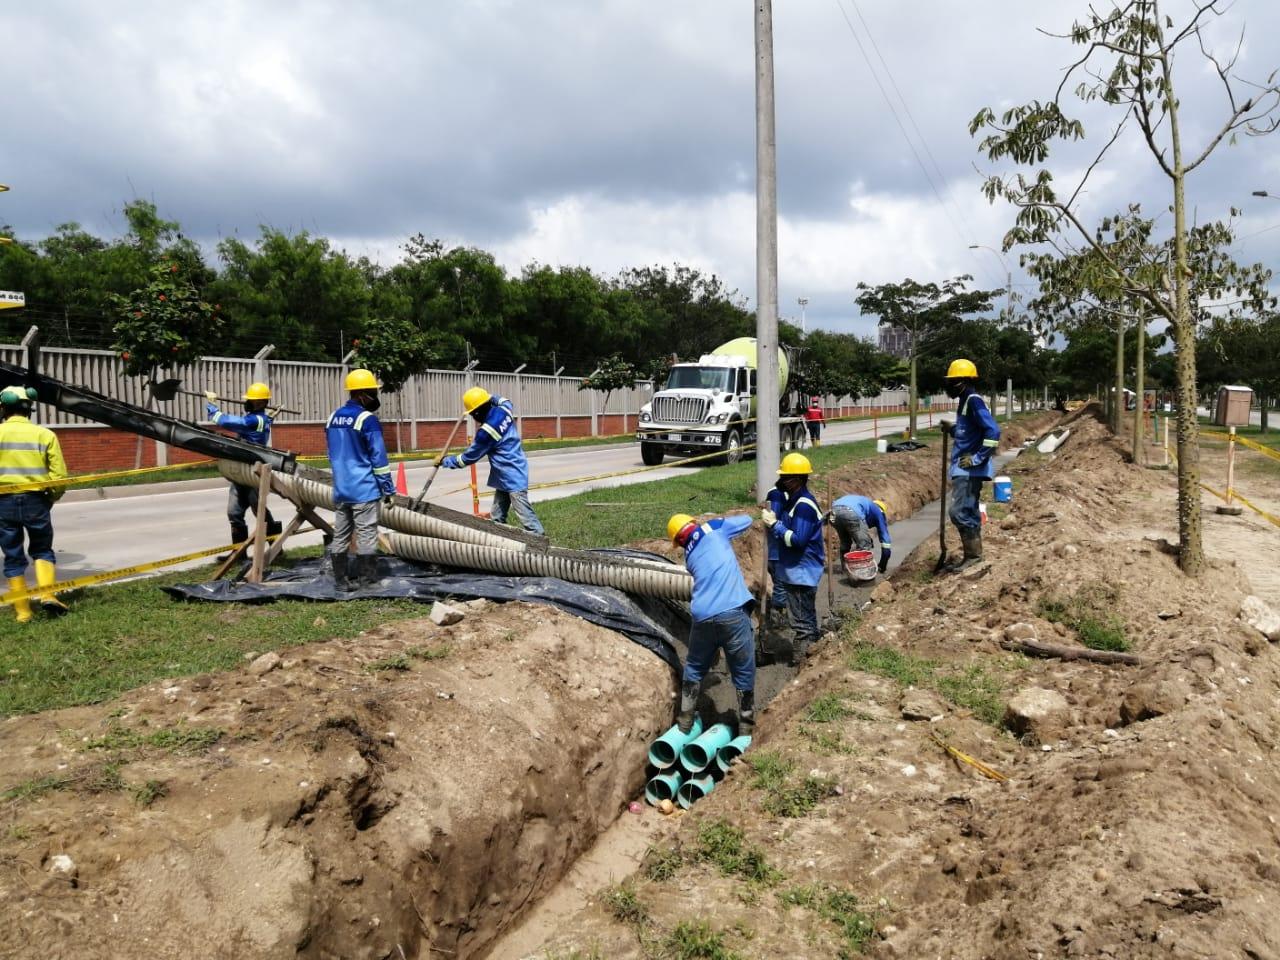 Avanza construcción de cuatro nuevos circuitos en la subestación Norte en inmediaciones del Corredor universitario – @aire_energia